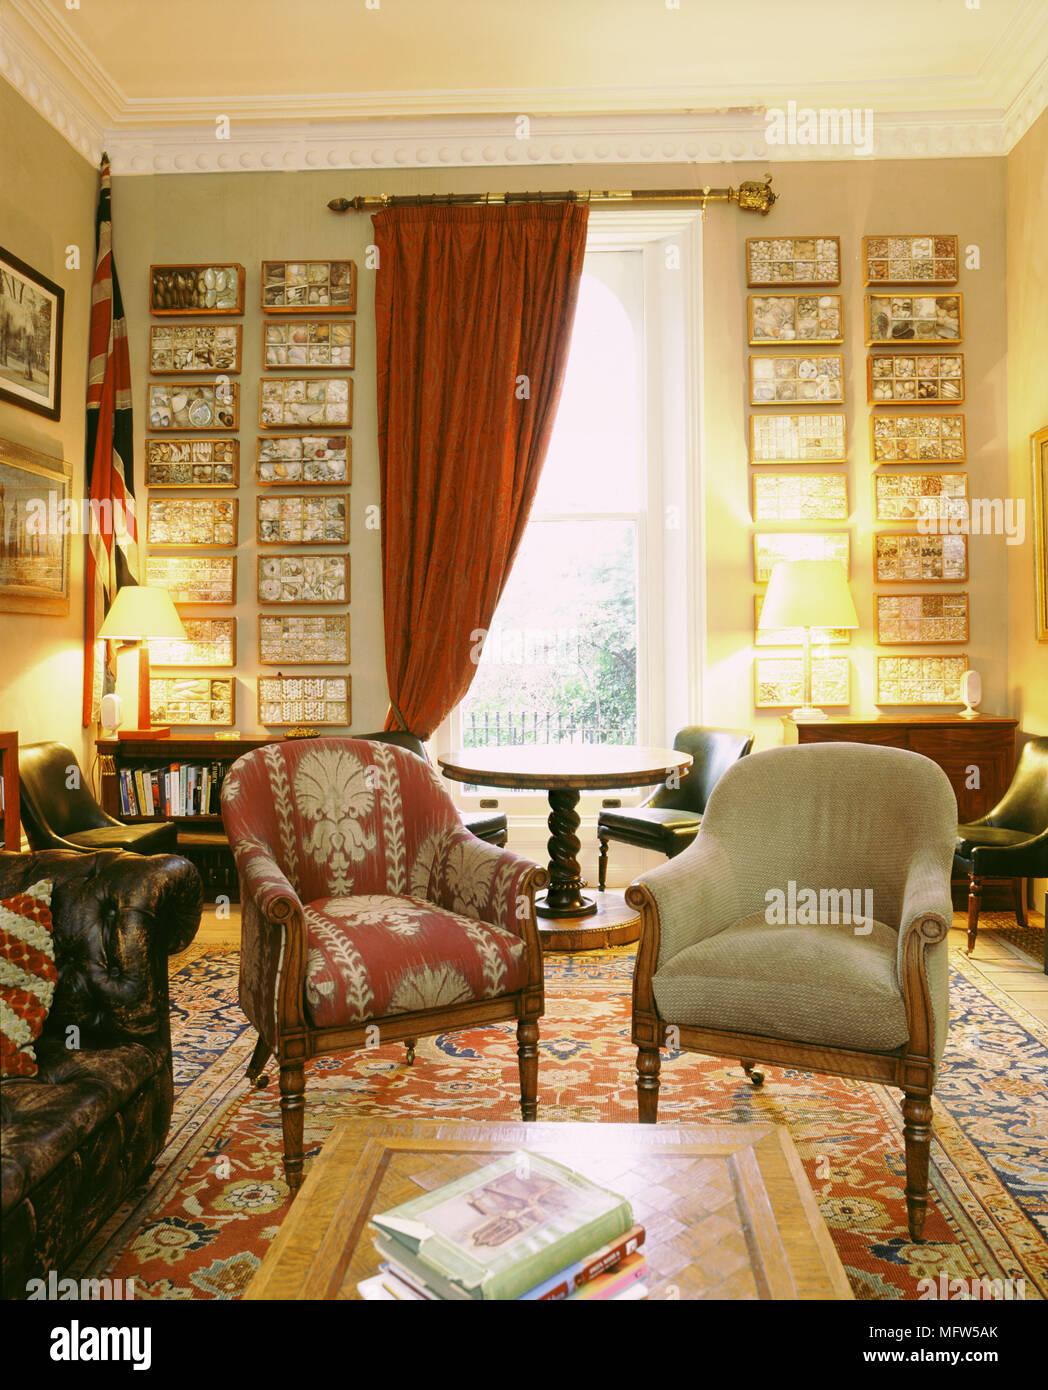 Orientalisches Wohnzimmer, traditionelle wohnzimmer mit roten vorhängen gepolsterte sessel, Design ideen